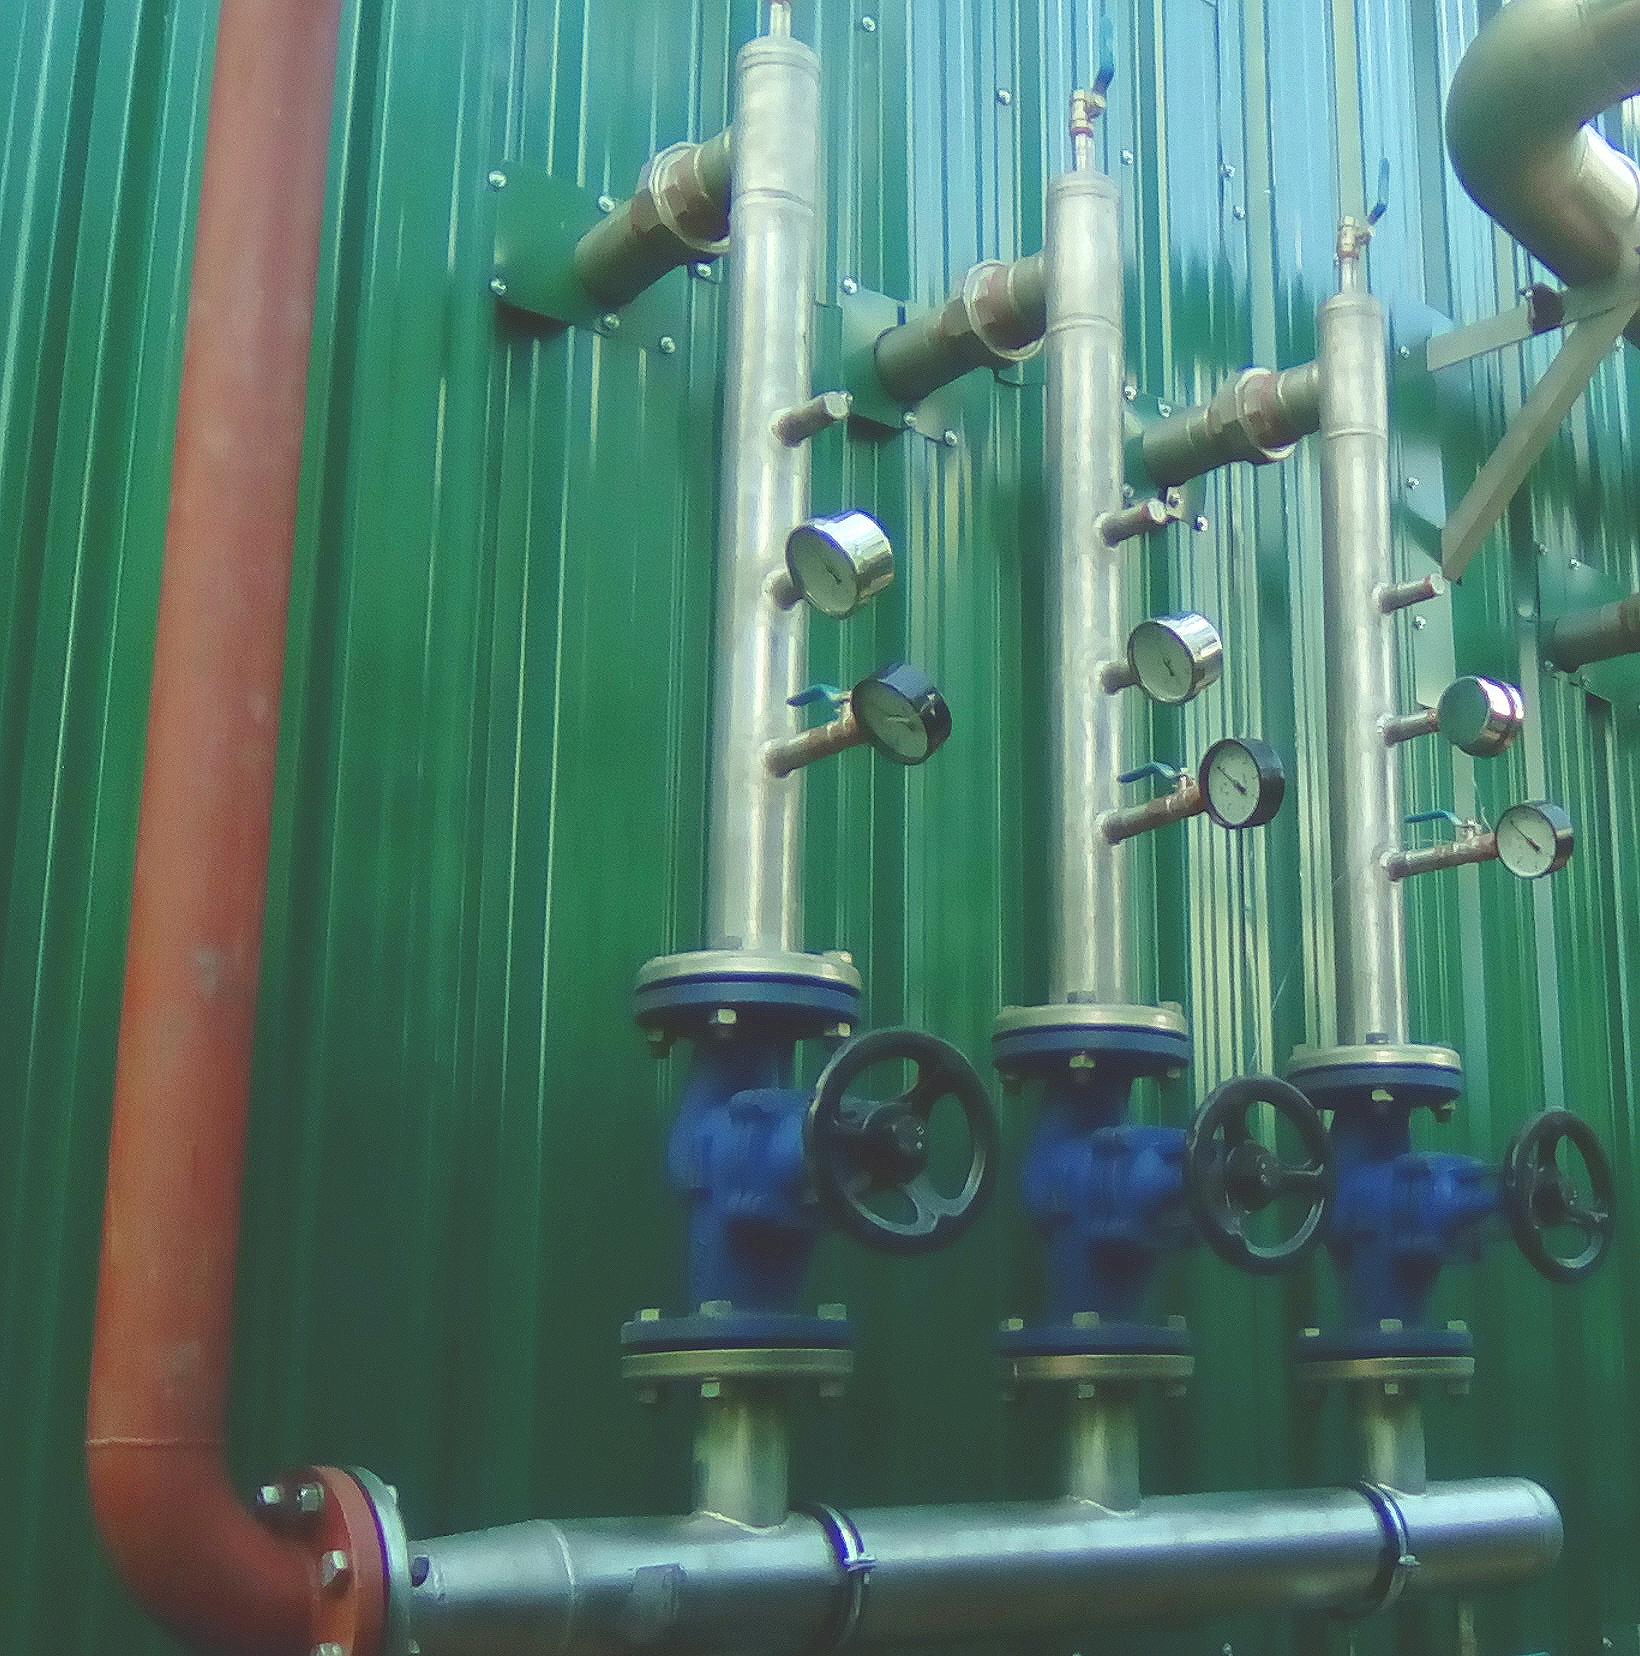 Colectores de calefacción-Planta de Biogás de 1MW en Tornagrain Reino Unido